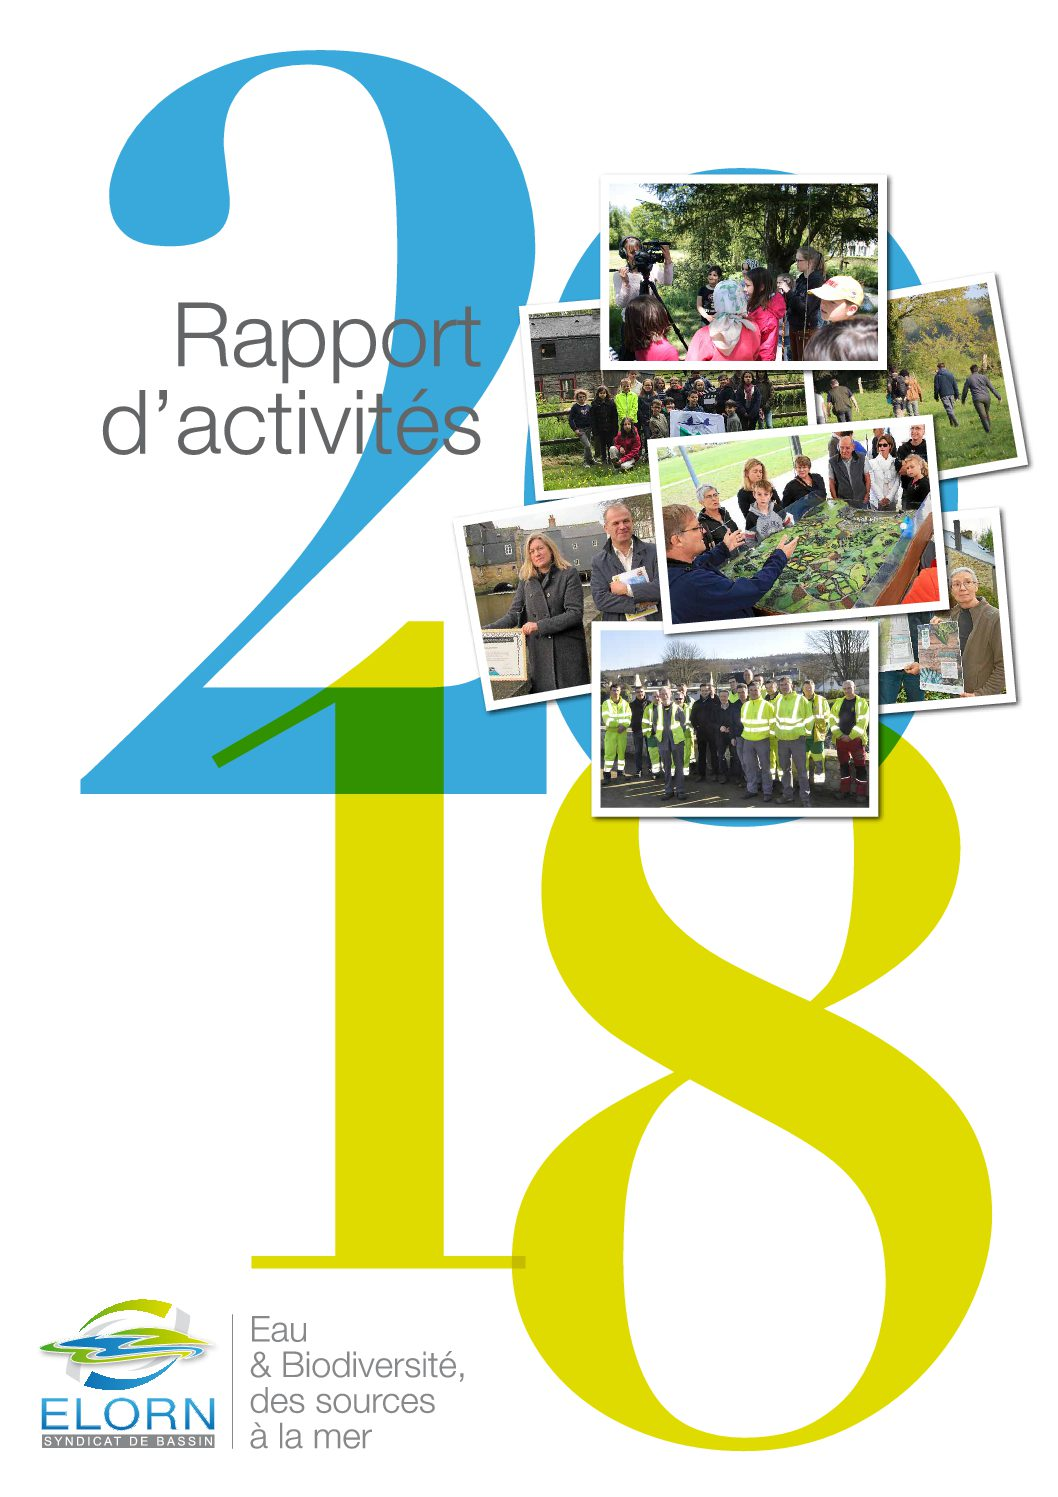 Rapport d'activités et Kêrioù ha stêrioù / Juil. 2019